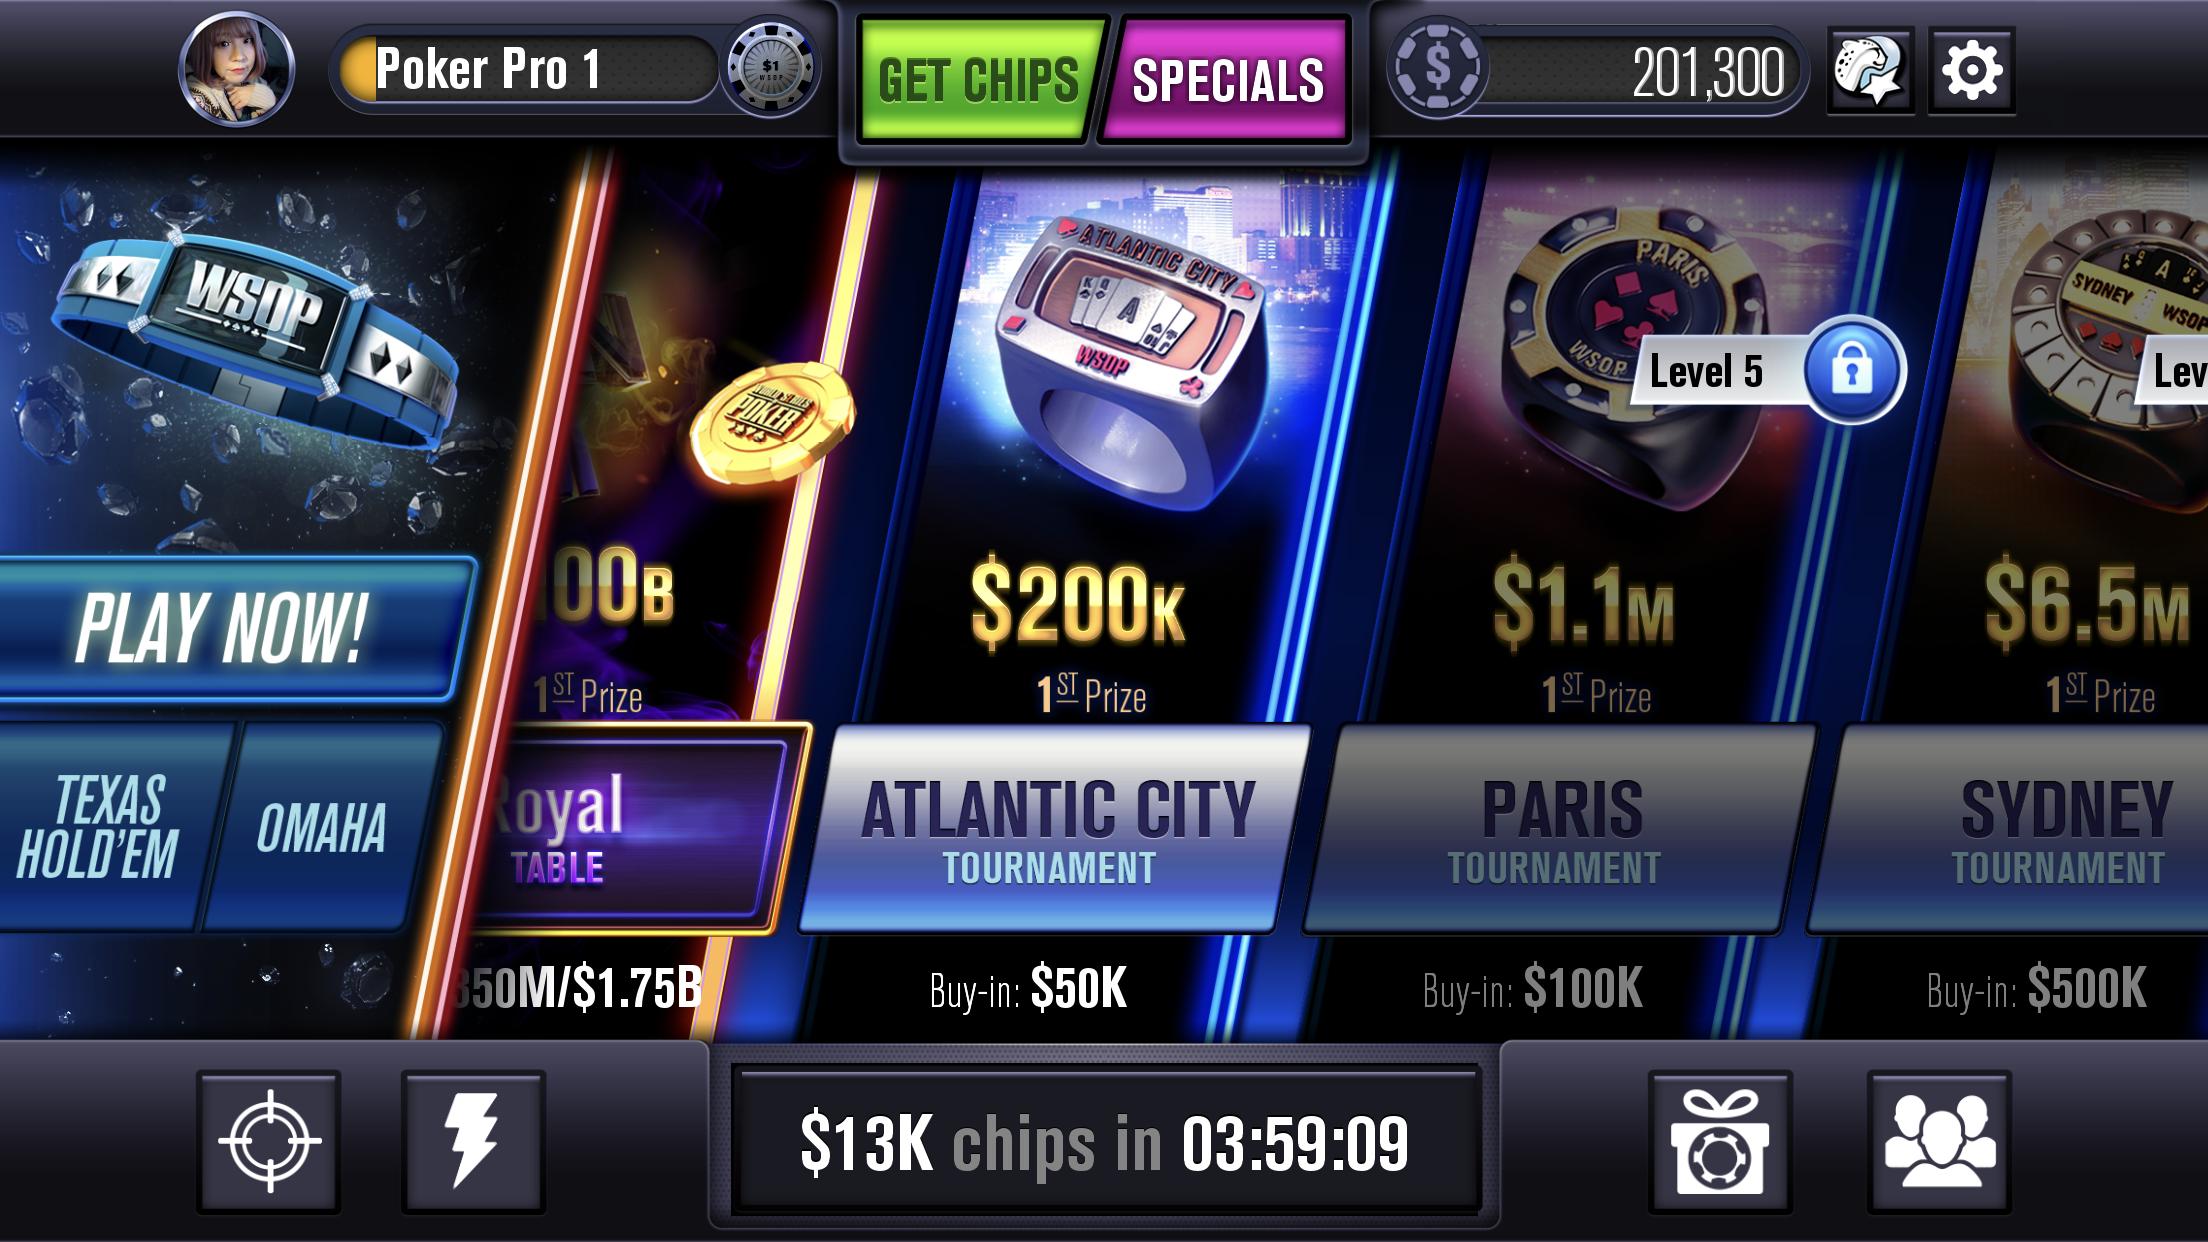 Wsop Poker Playtika